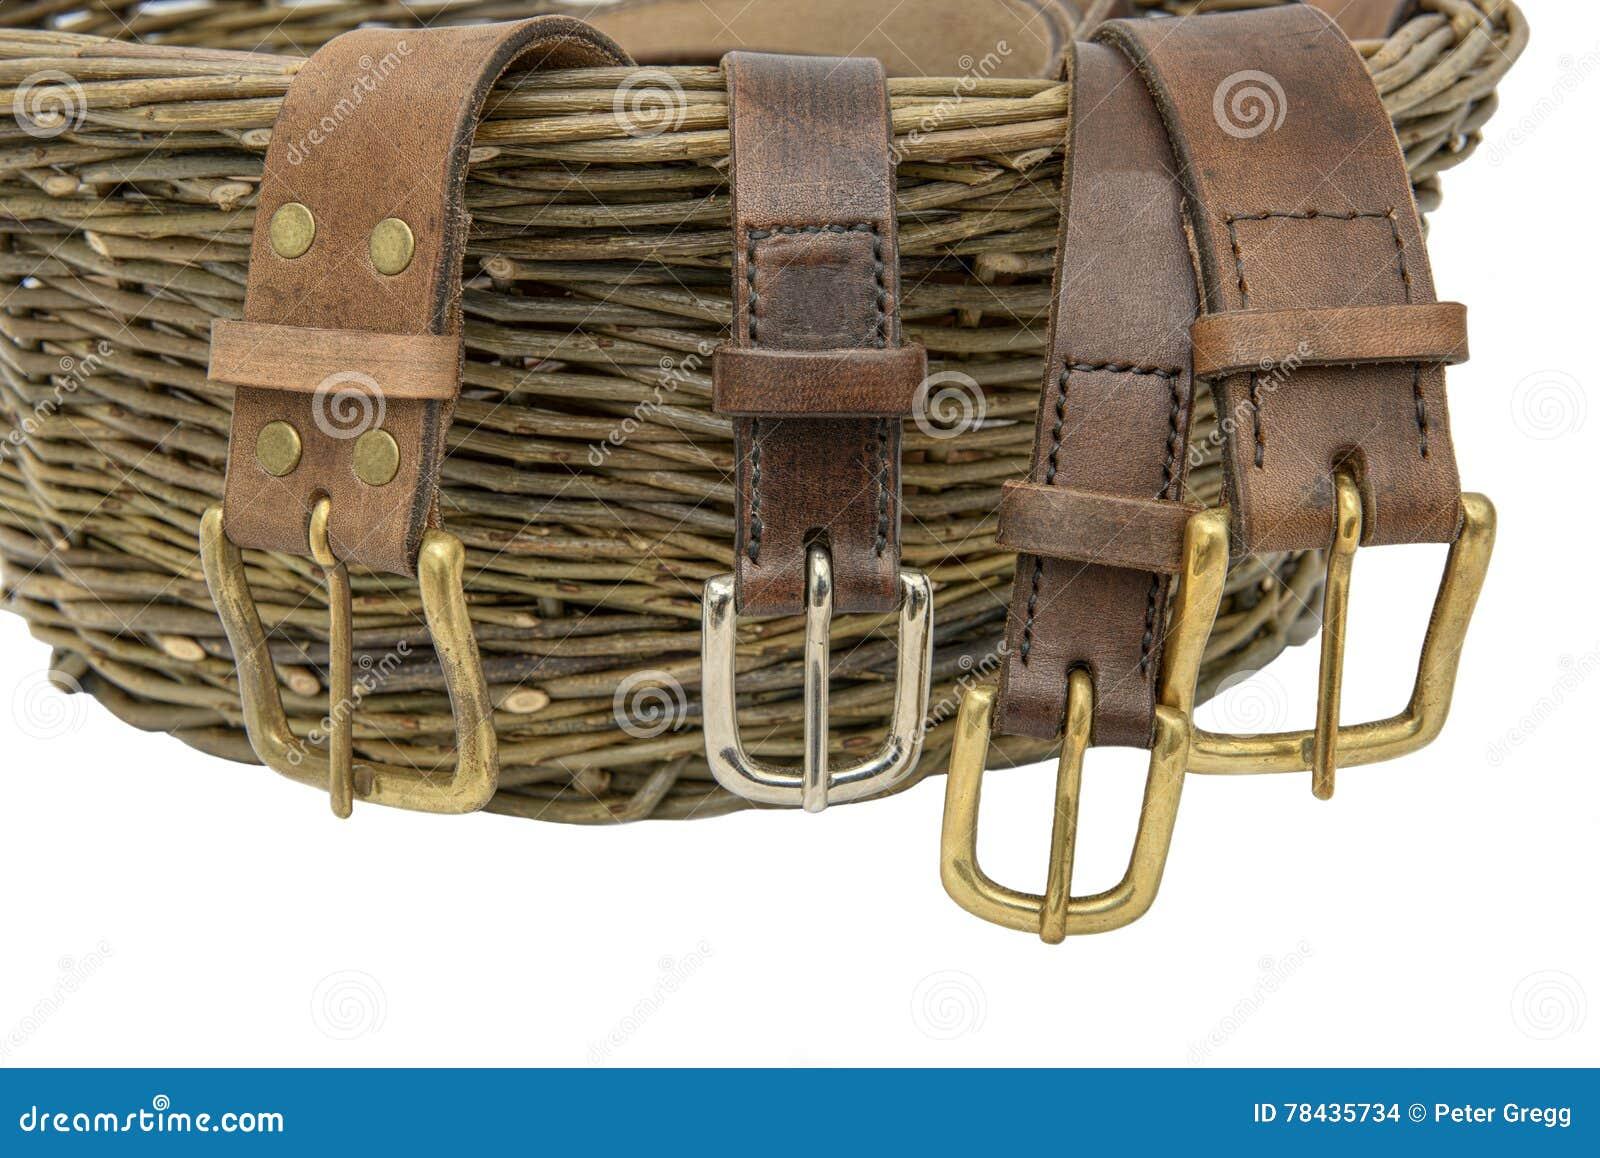 Handgemachte Ledergürtel Stockfoto Bild Von Kunstfertigkeit 78435734